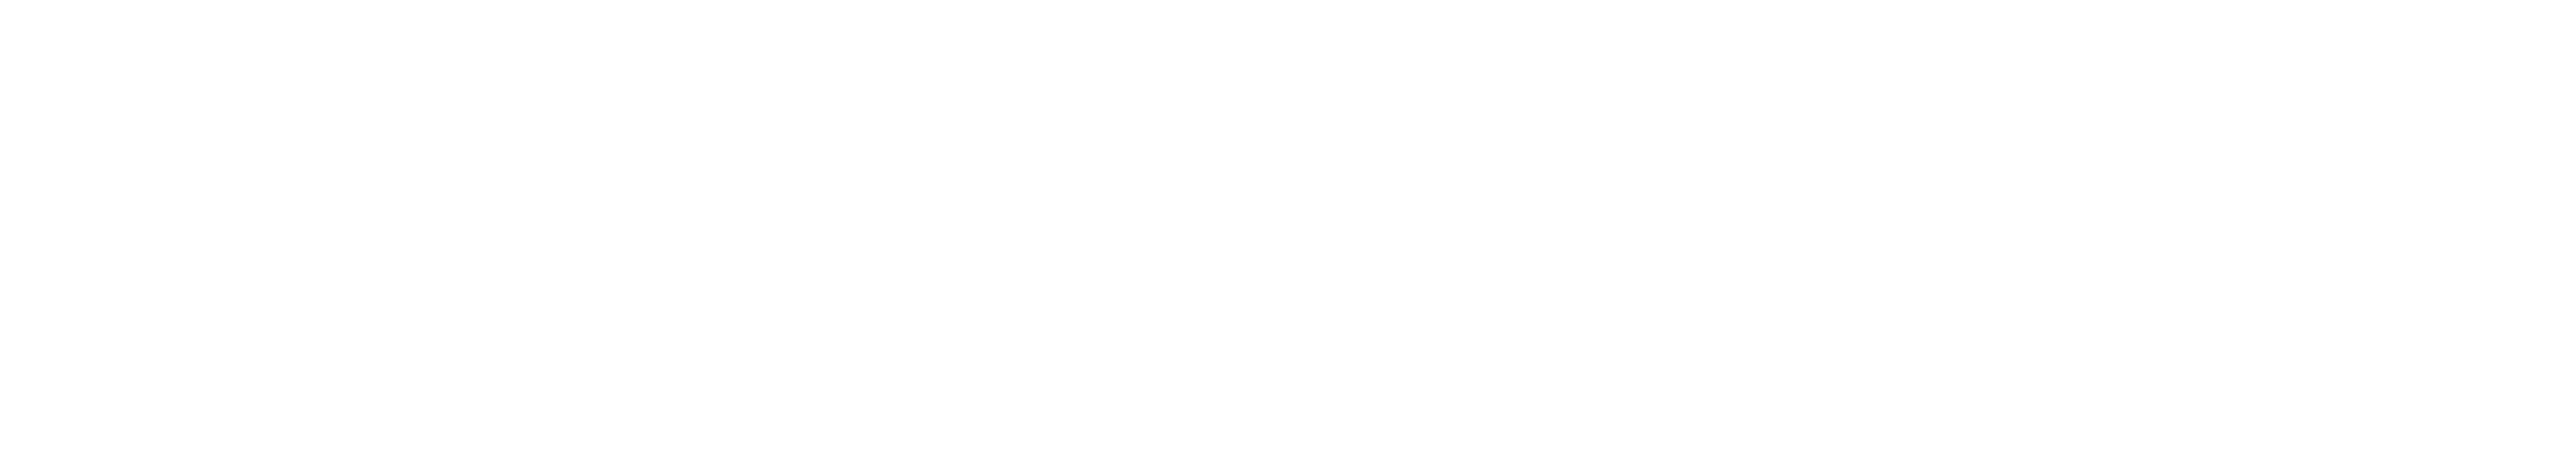 Sterne-weiss